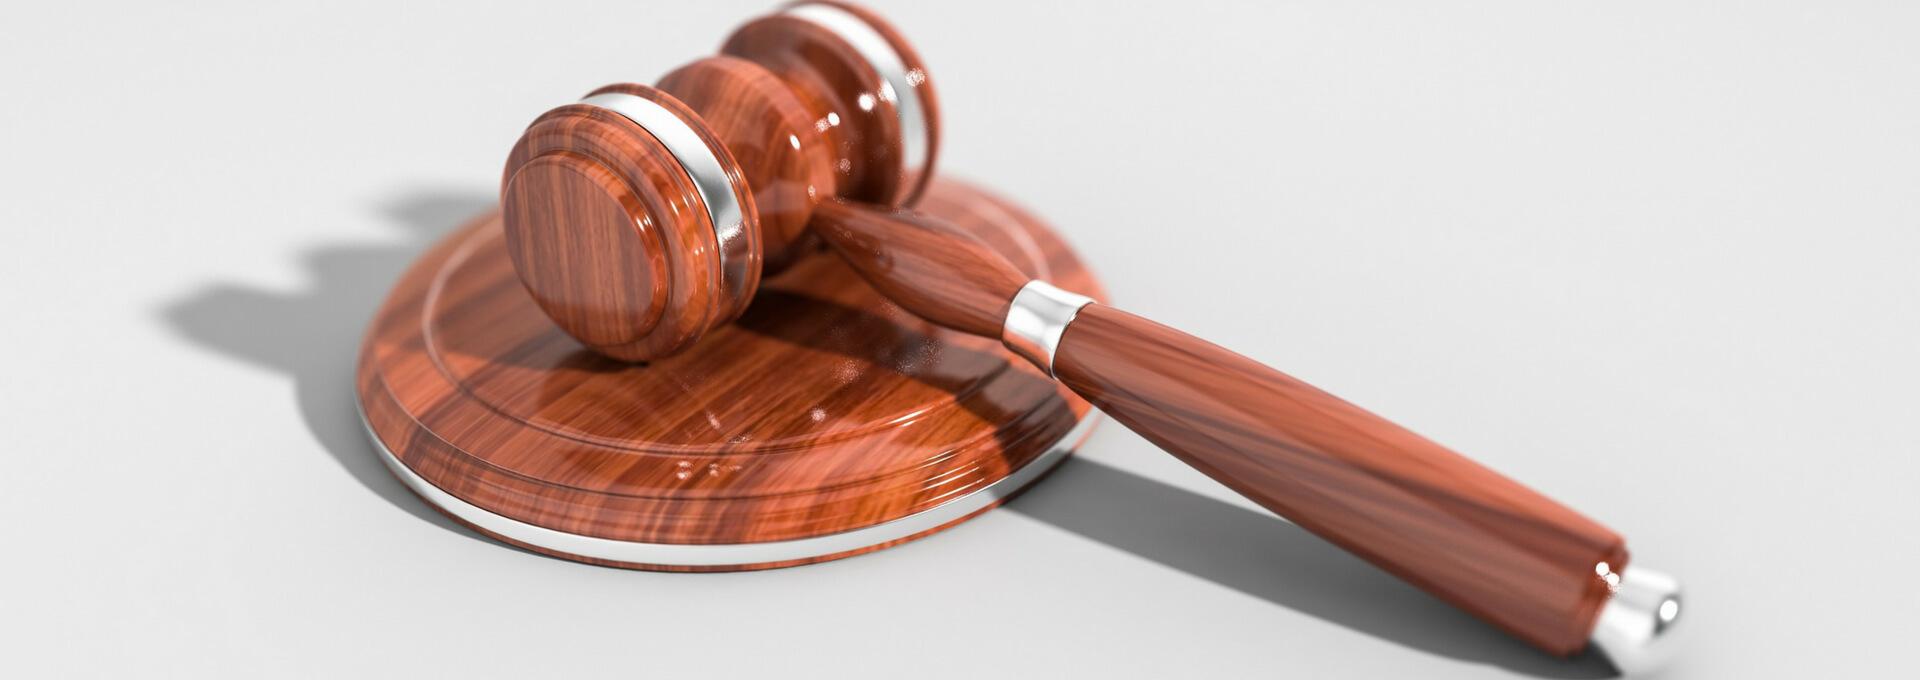 prawo podatki księgowość akty konstytucja ustawy ustawa